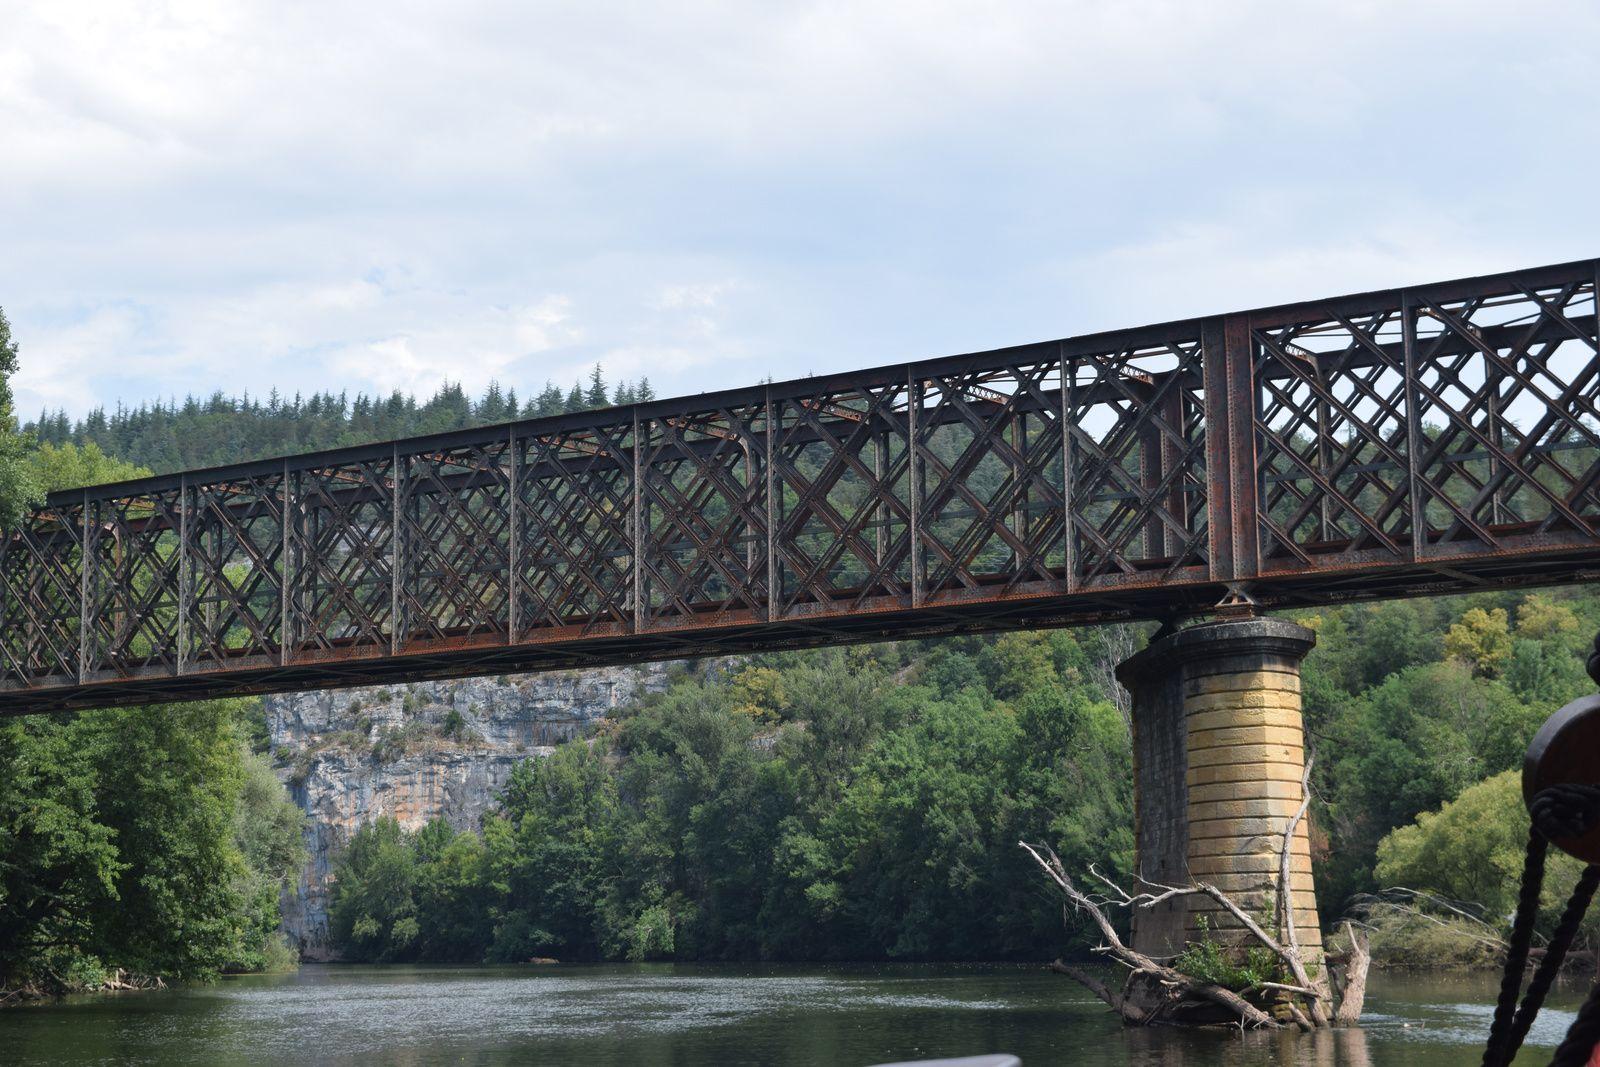 Nous passons sous le pont ferroviaire de Conduché désaffecté construit par Gustave Eiffel et inauguré en 1886. Une construction métallique en treillis d'acier rivetés. Un projet est dans les cartons pour en faire une voie douce, marcheurs cyclistes